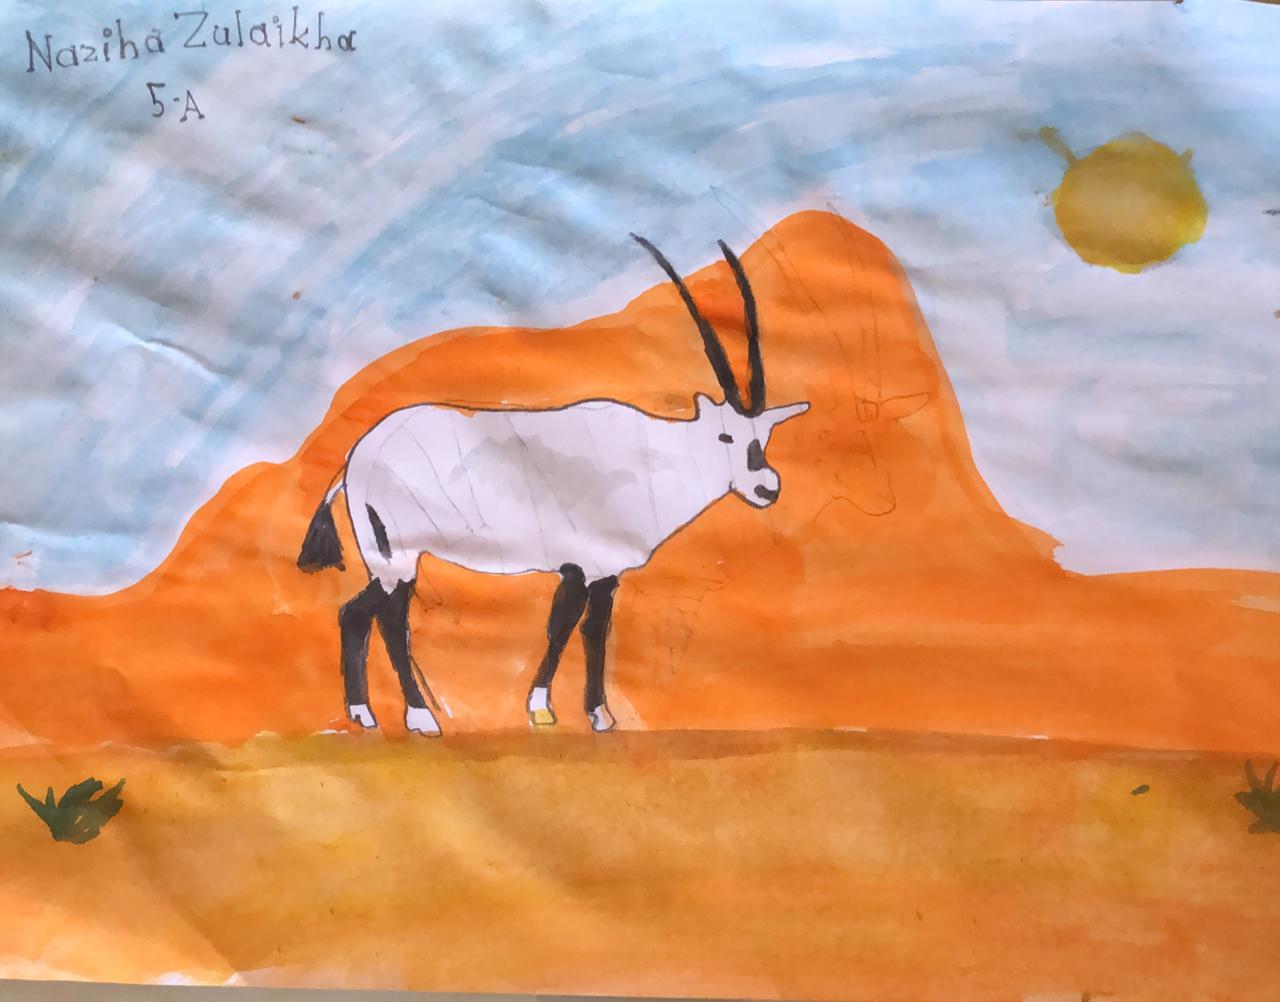 Artwork by Naziha Zulaikha